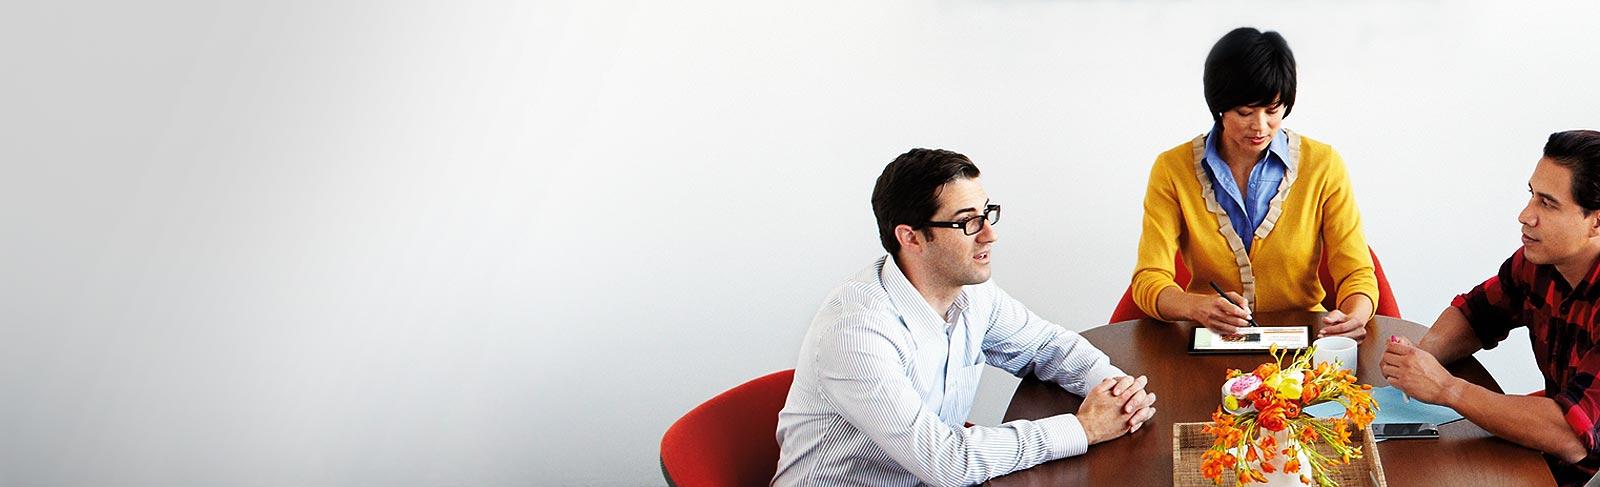 테이블에서 회의하며 태블릿과 휴대폰으로 Office 365 Nonprofit을 사용 중인 세 사람